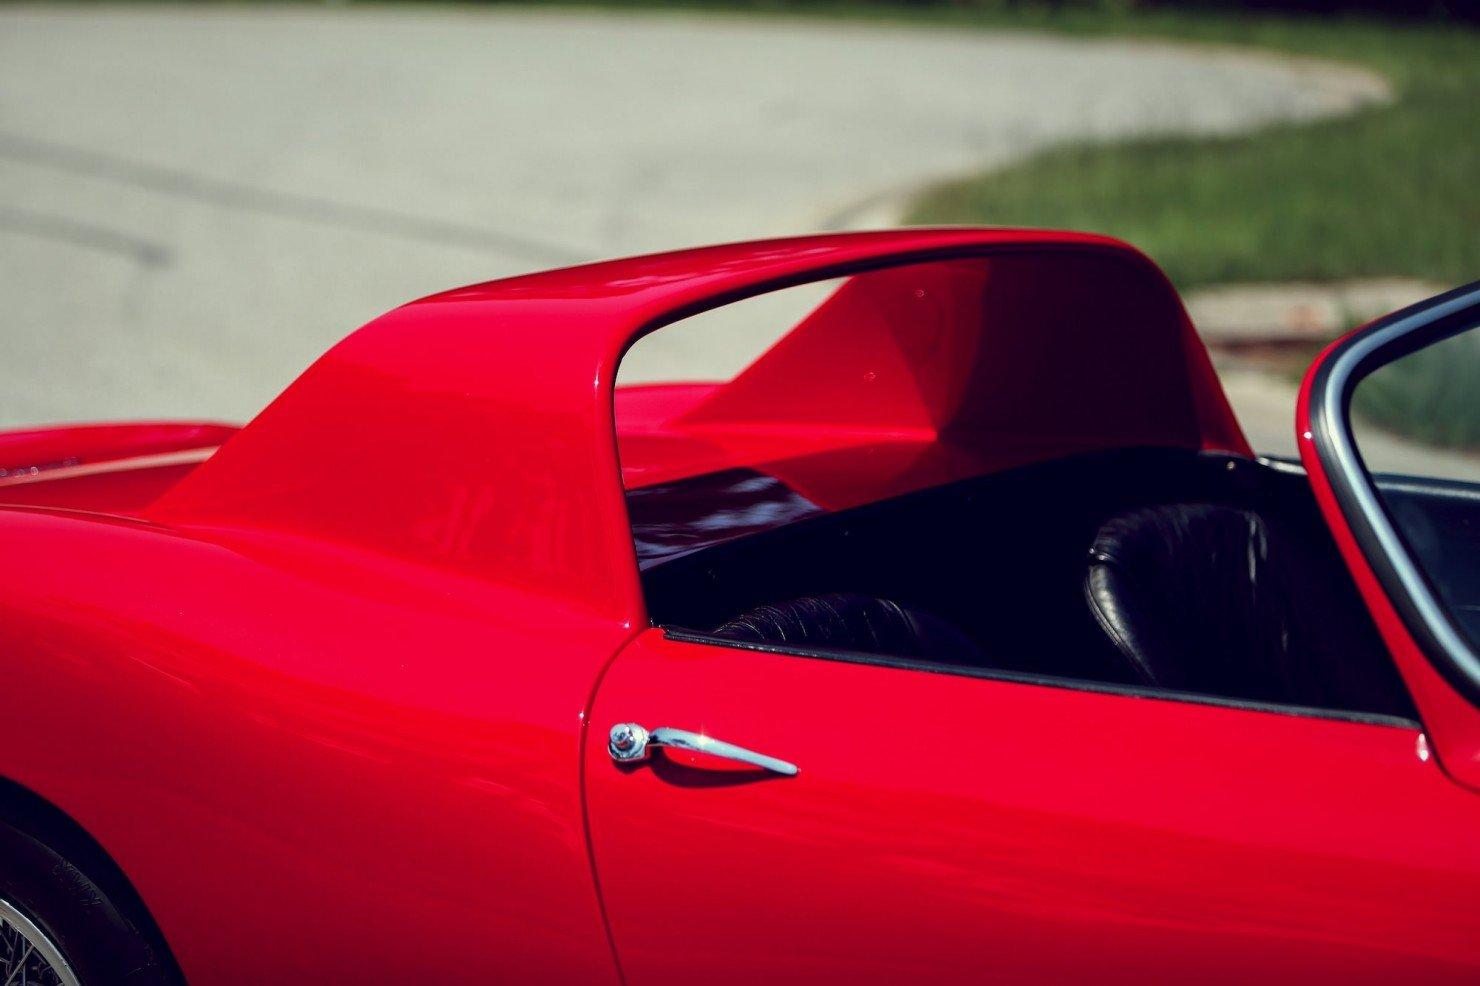 Ferrari 250 GT N.A.R.T. Spider by Fantuzzi 16